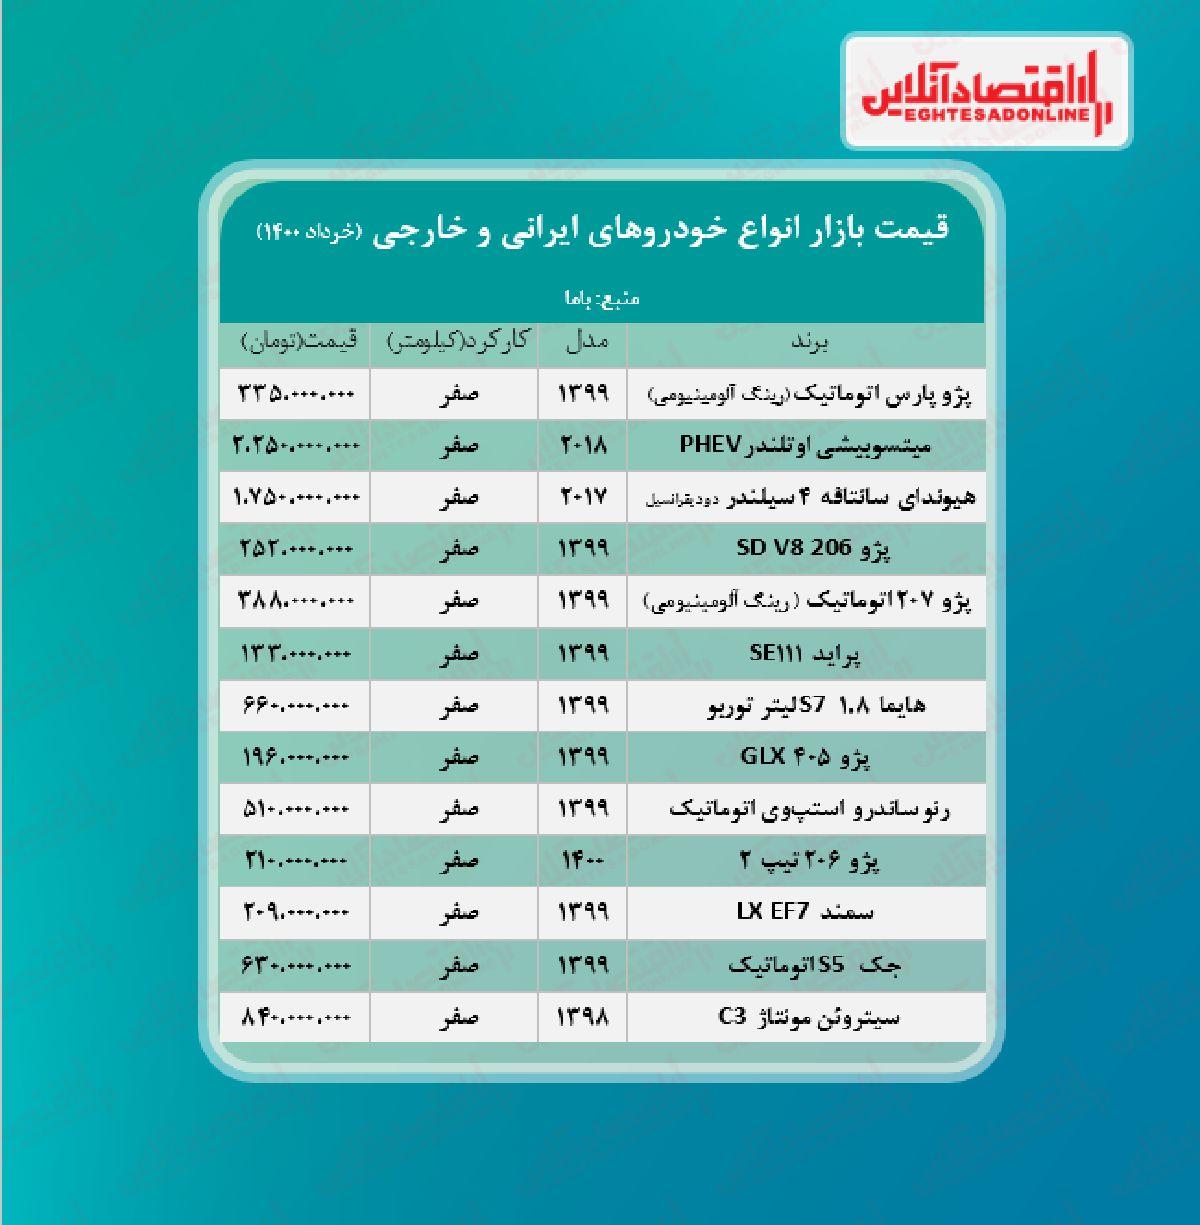 قیمت خودرو امروز ۱۴۰۰/۳/۱۸